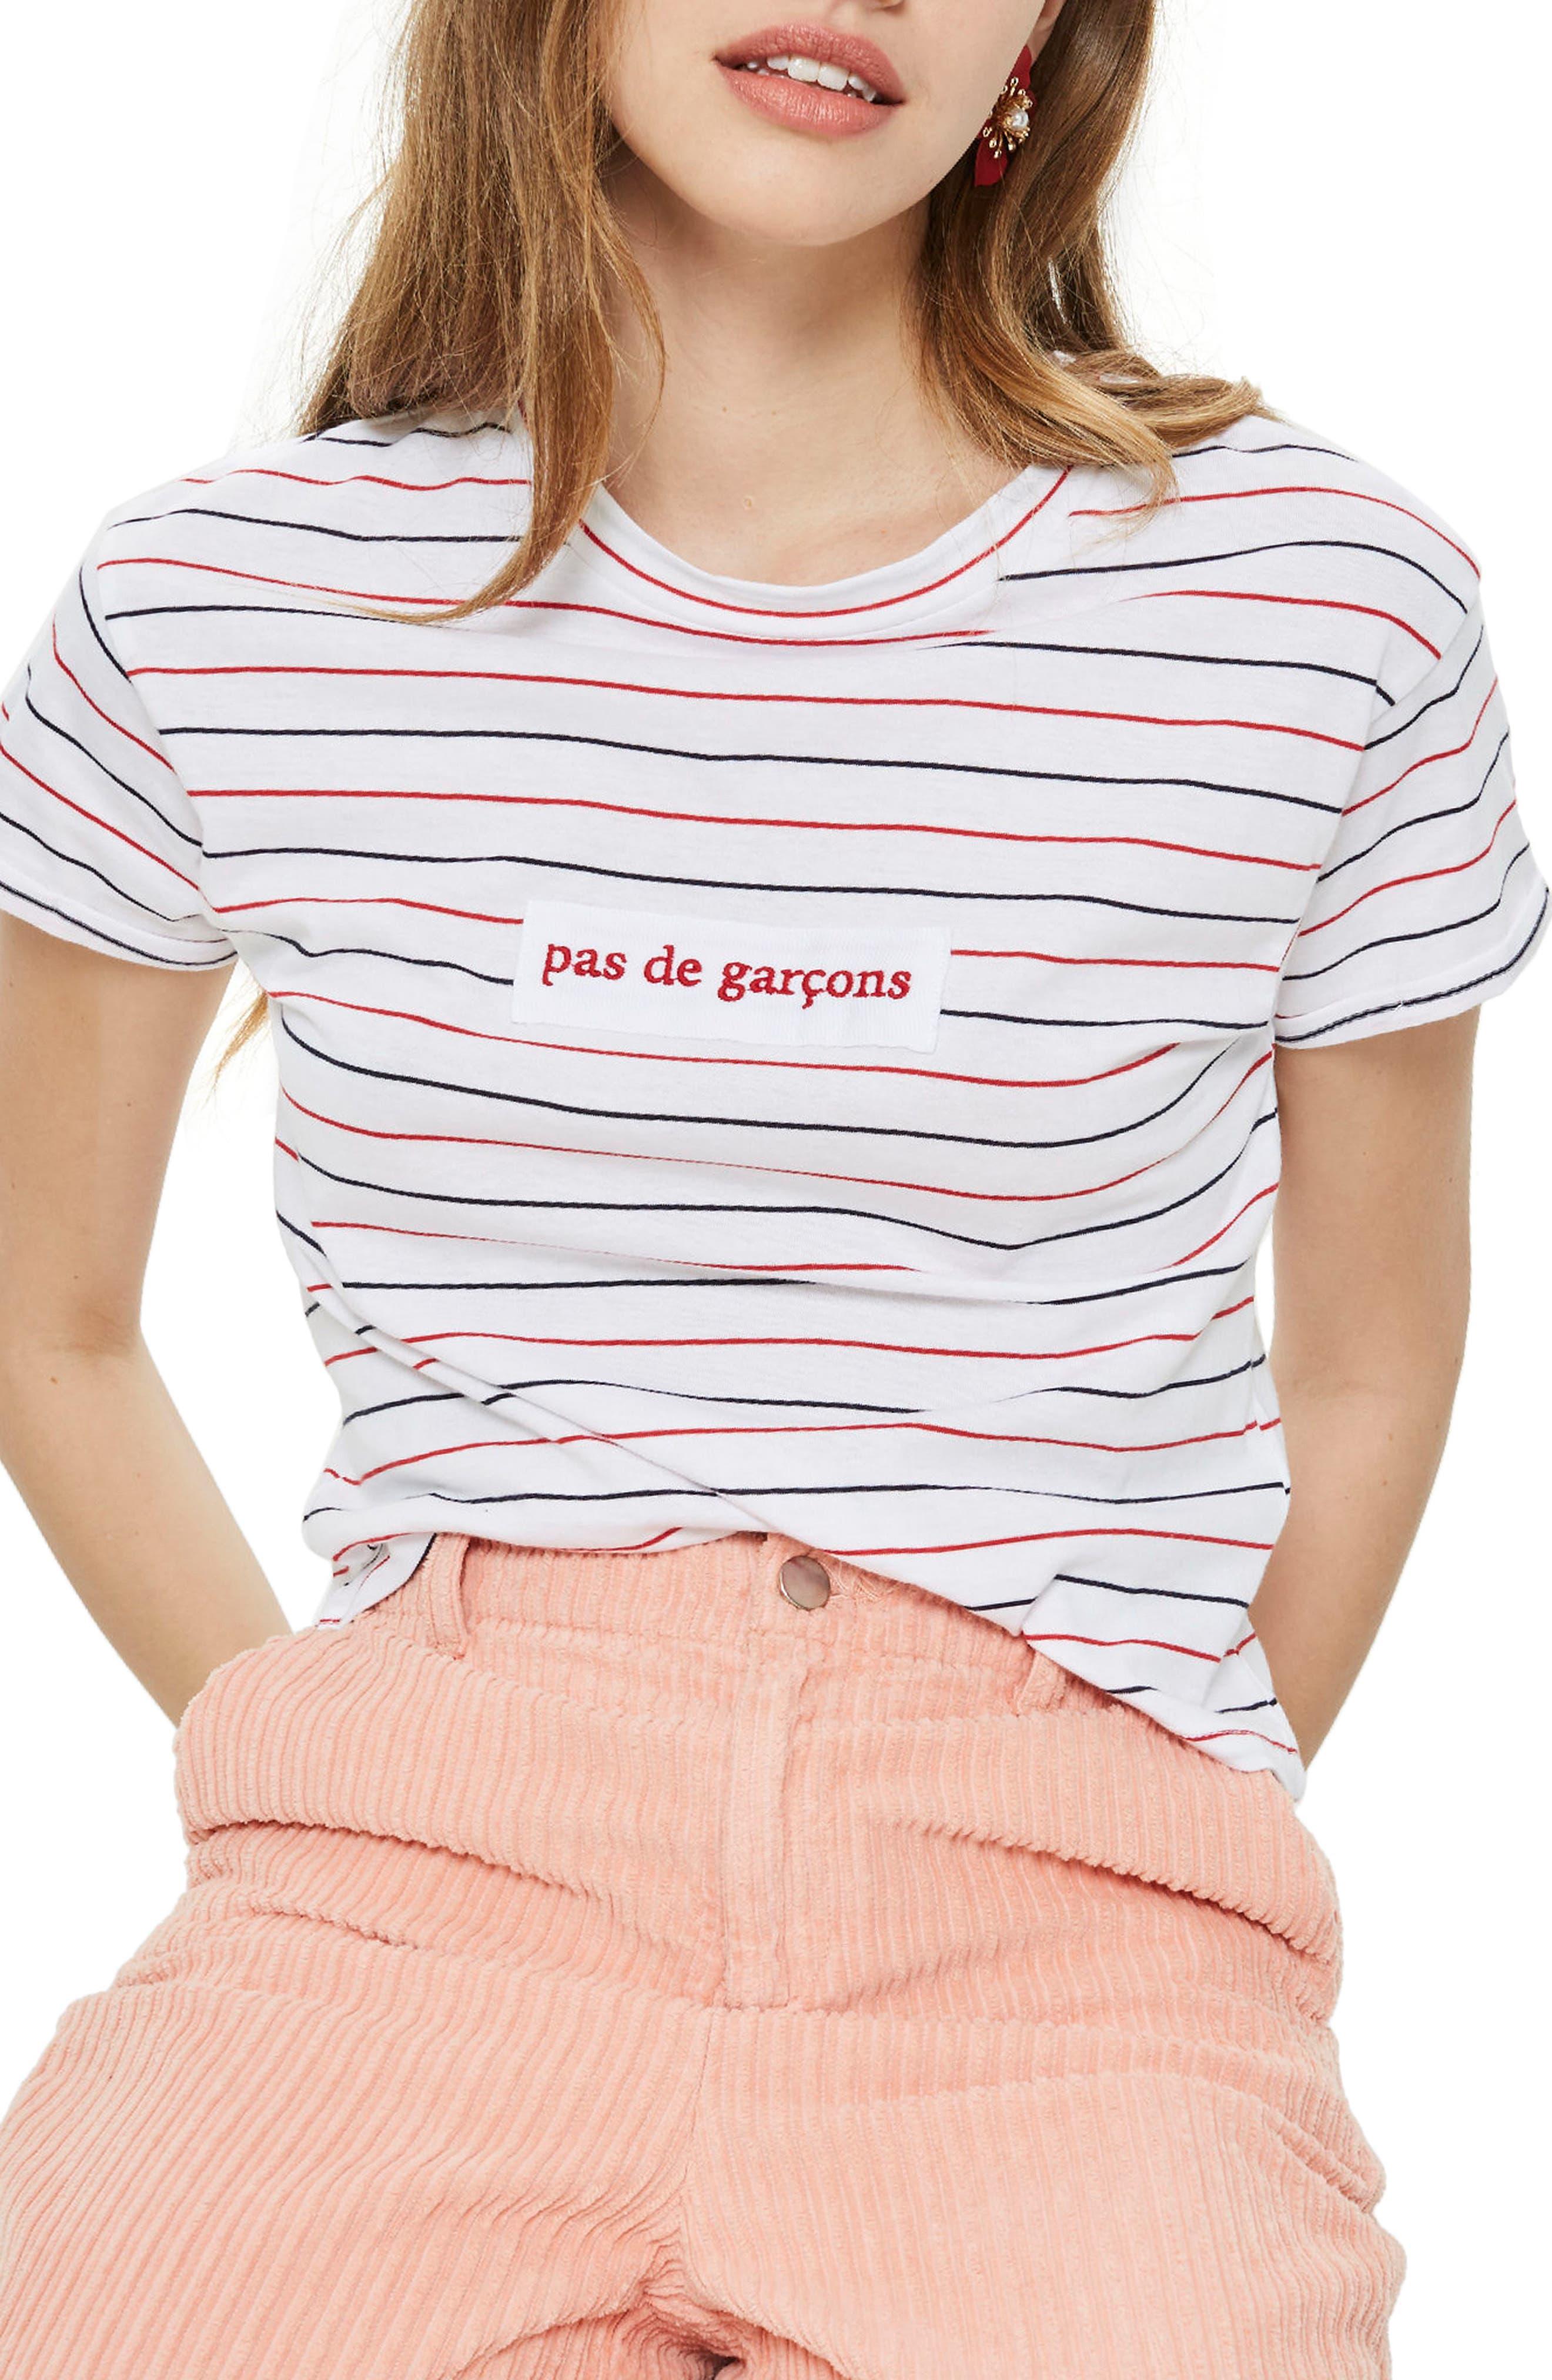 Pas De Garcons Stripe T-Shirt,                         Main,                         color, 100